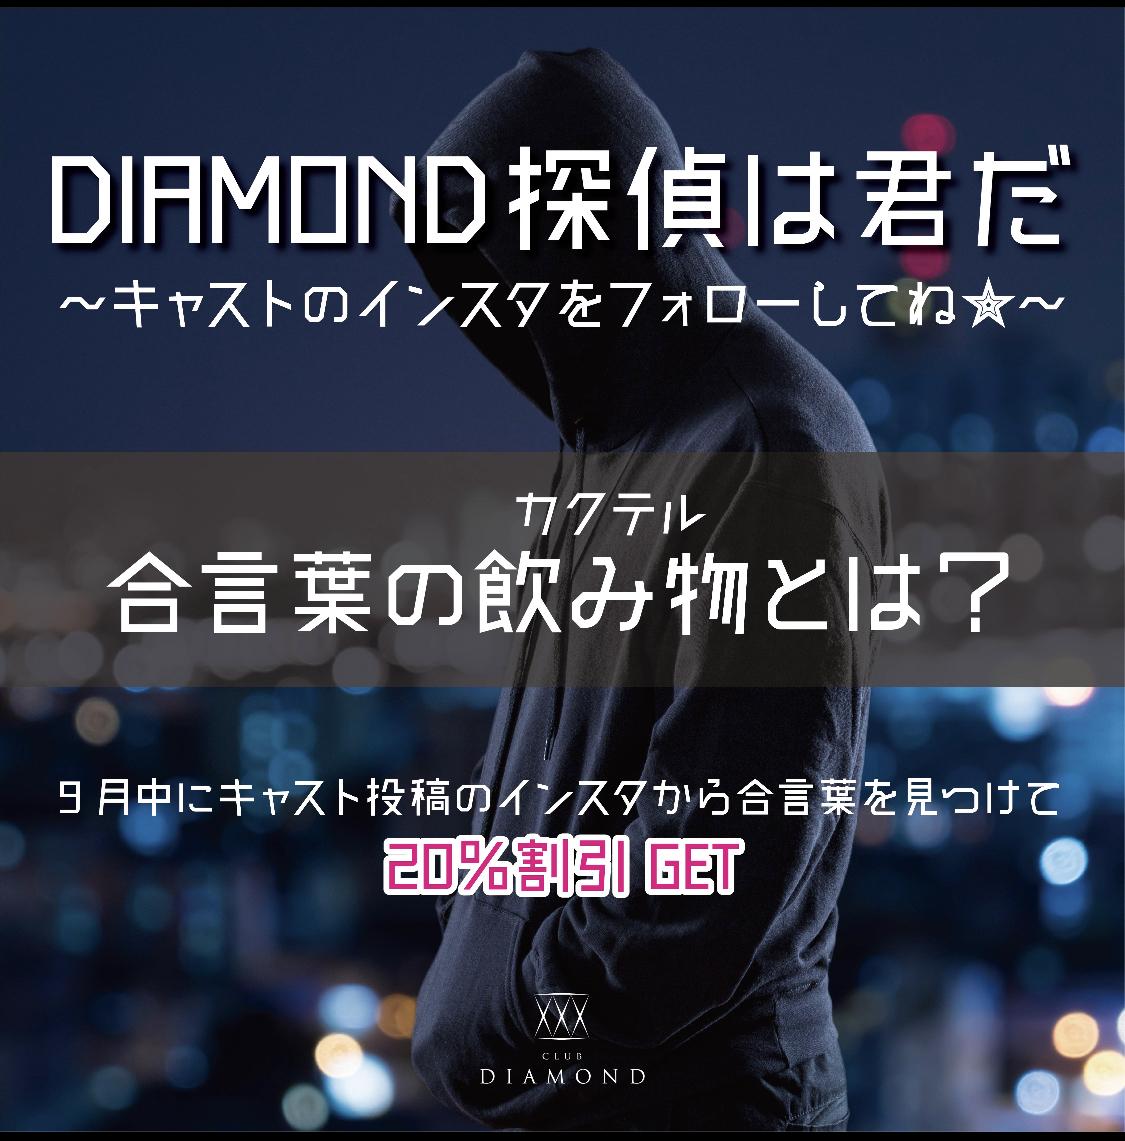 高岡市 キャバクラ【ダイアモンド】ニュース